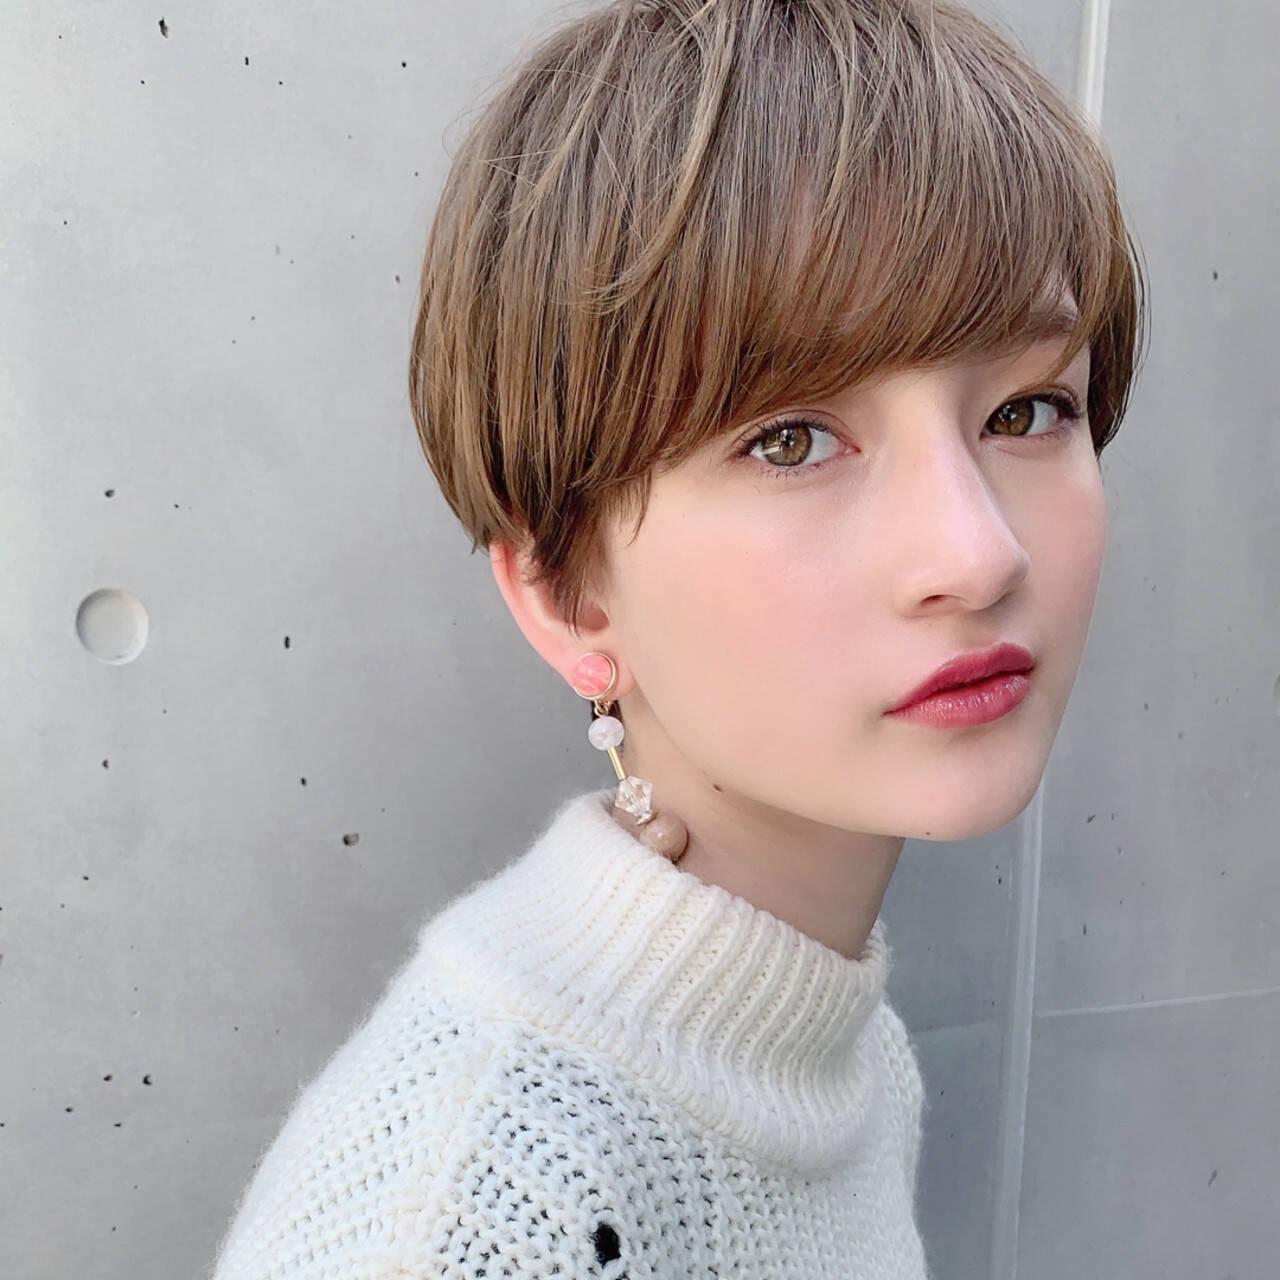 オフィス ショート パーマ ヘアアレンジヘアスタイルや髪型の写真・画像